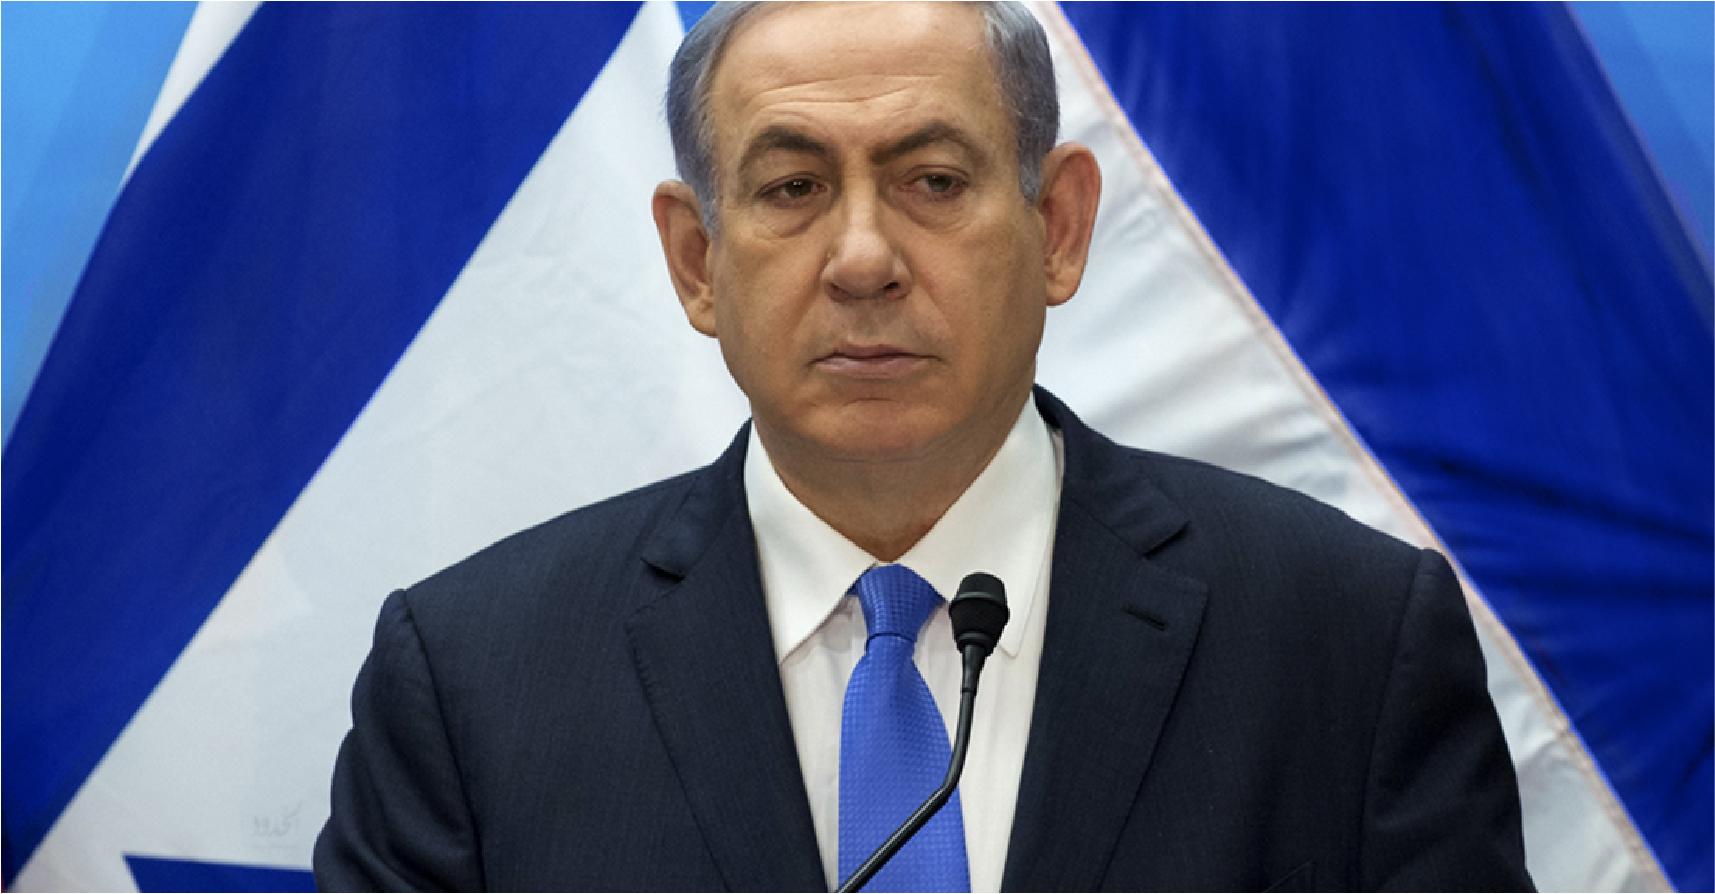 صورة إسرائيل تدرس الانضمام للتحالف الدولي لتتمكّن من التحليق فوق سوريا وقصفها بأريحية كباقي الدول